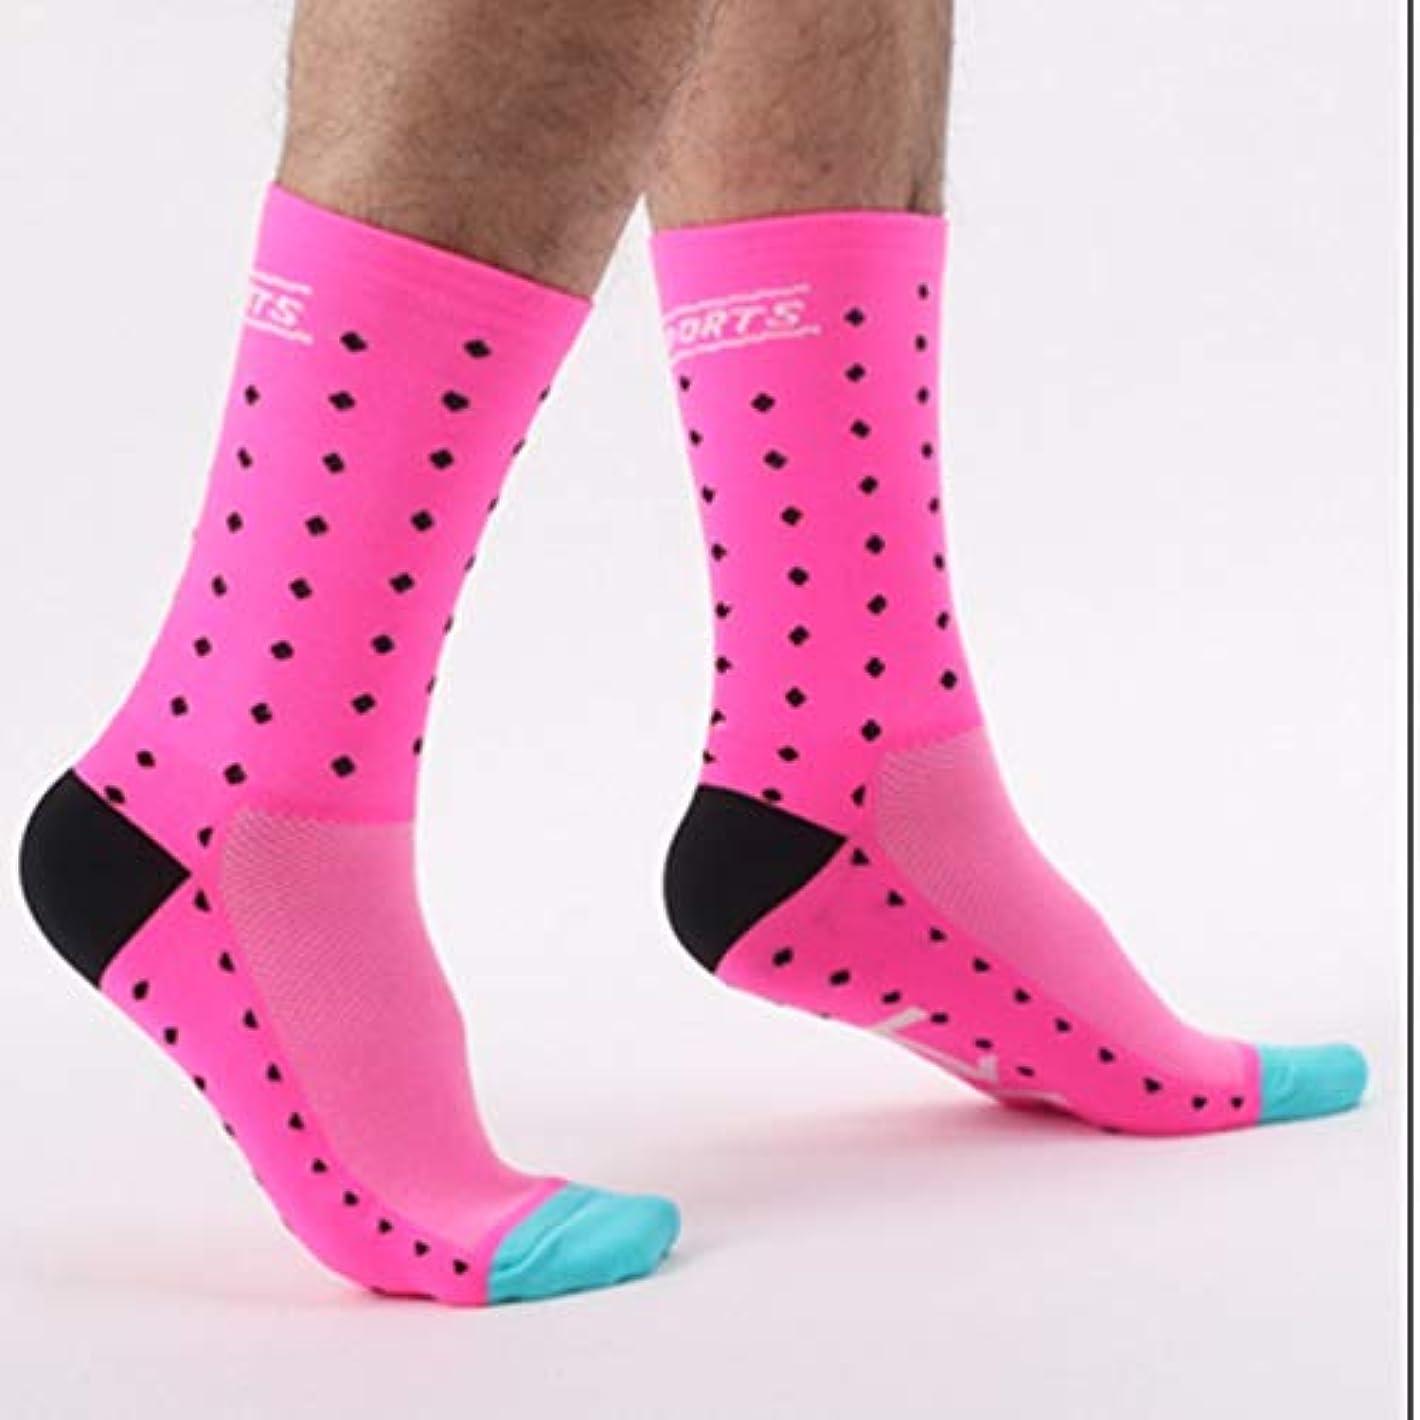 共役物語誘惑DH04快適なファッショナブルな屋外サイクリングソックス男性女性プロの通気性スポーツソックスバスケットボールソックス - ピンク